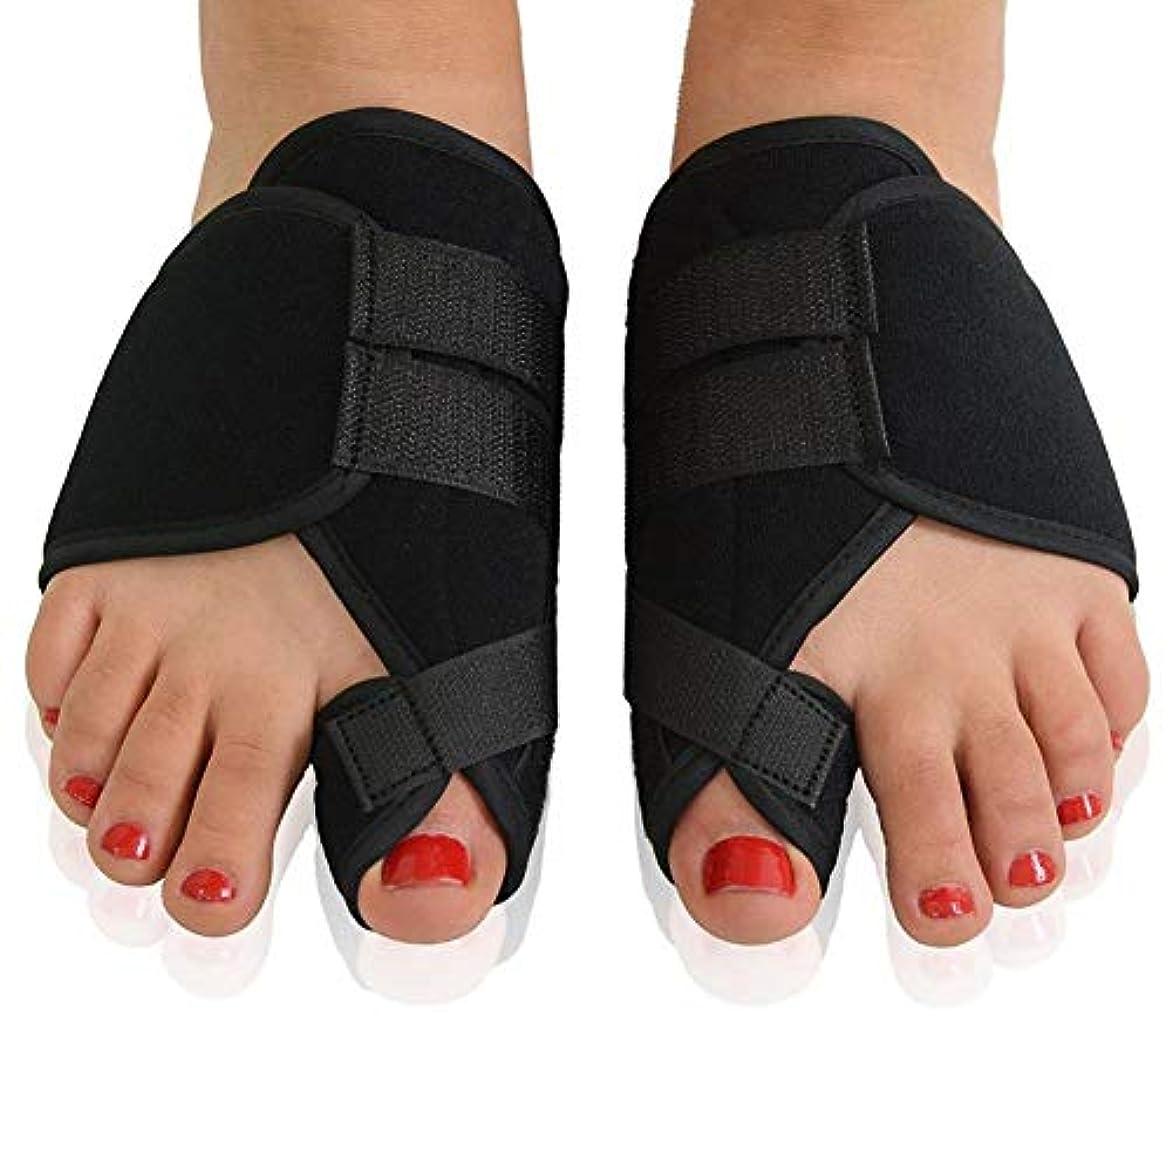 自慢影ディレイNighttime Bunion Corrector Toe Straightener、1組の整形外科用Bunion Splintsビッグトゥストレートナー、女性用Bunion Splint Protector Bunion...